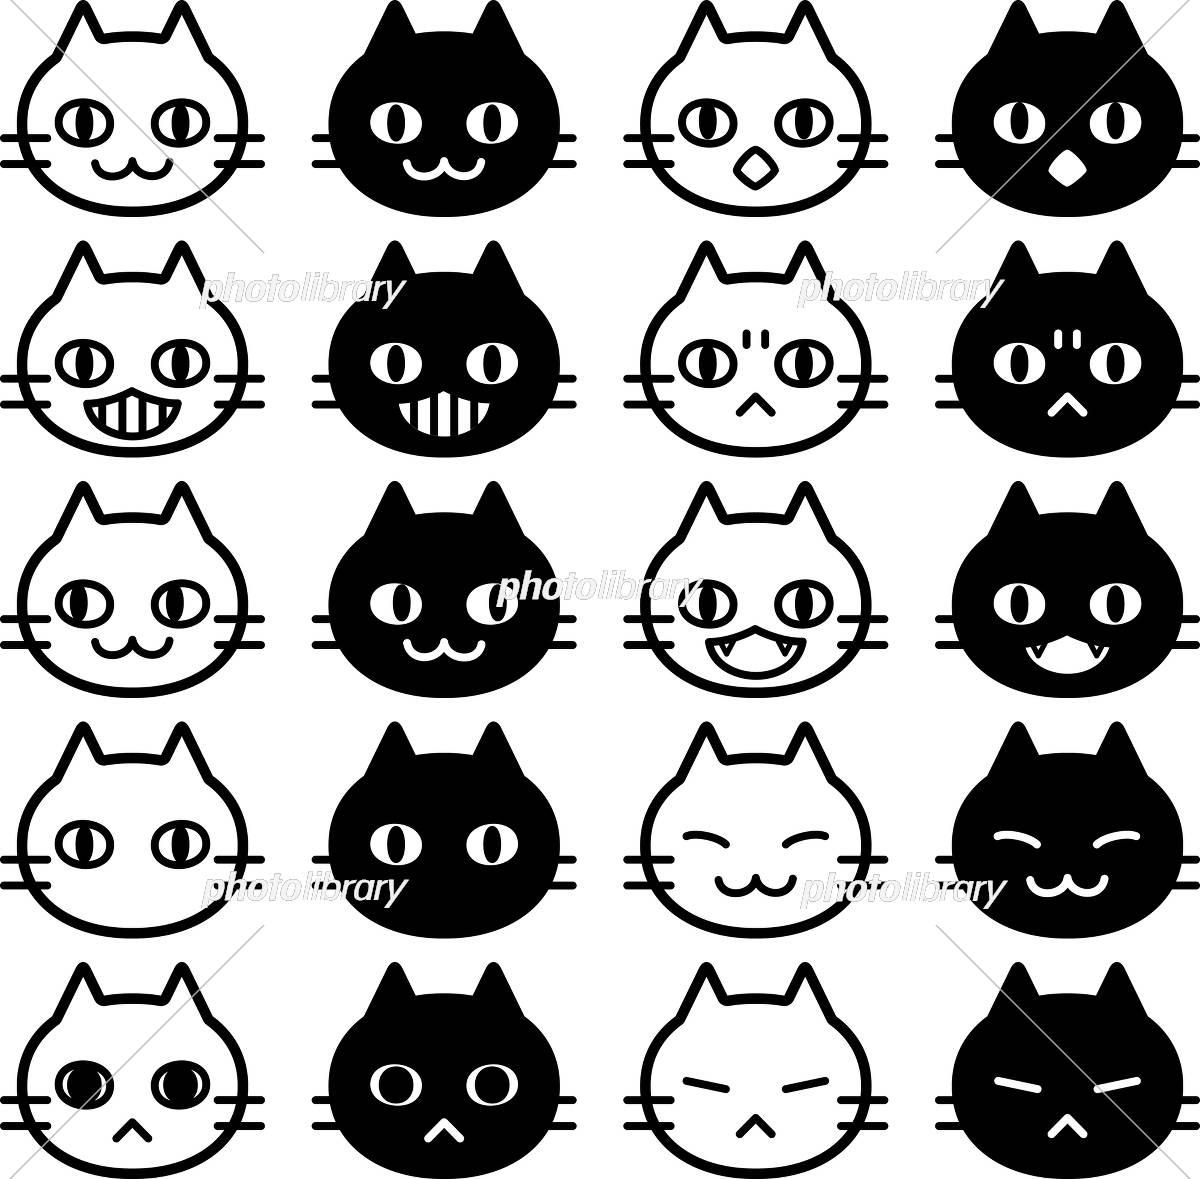 白猫と黒猫の顔アイコンセット イラスト素材 6005861 フォト